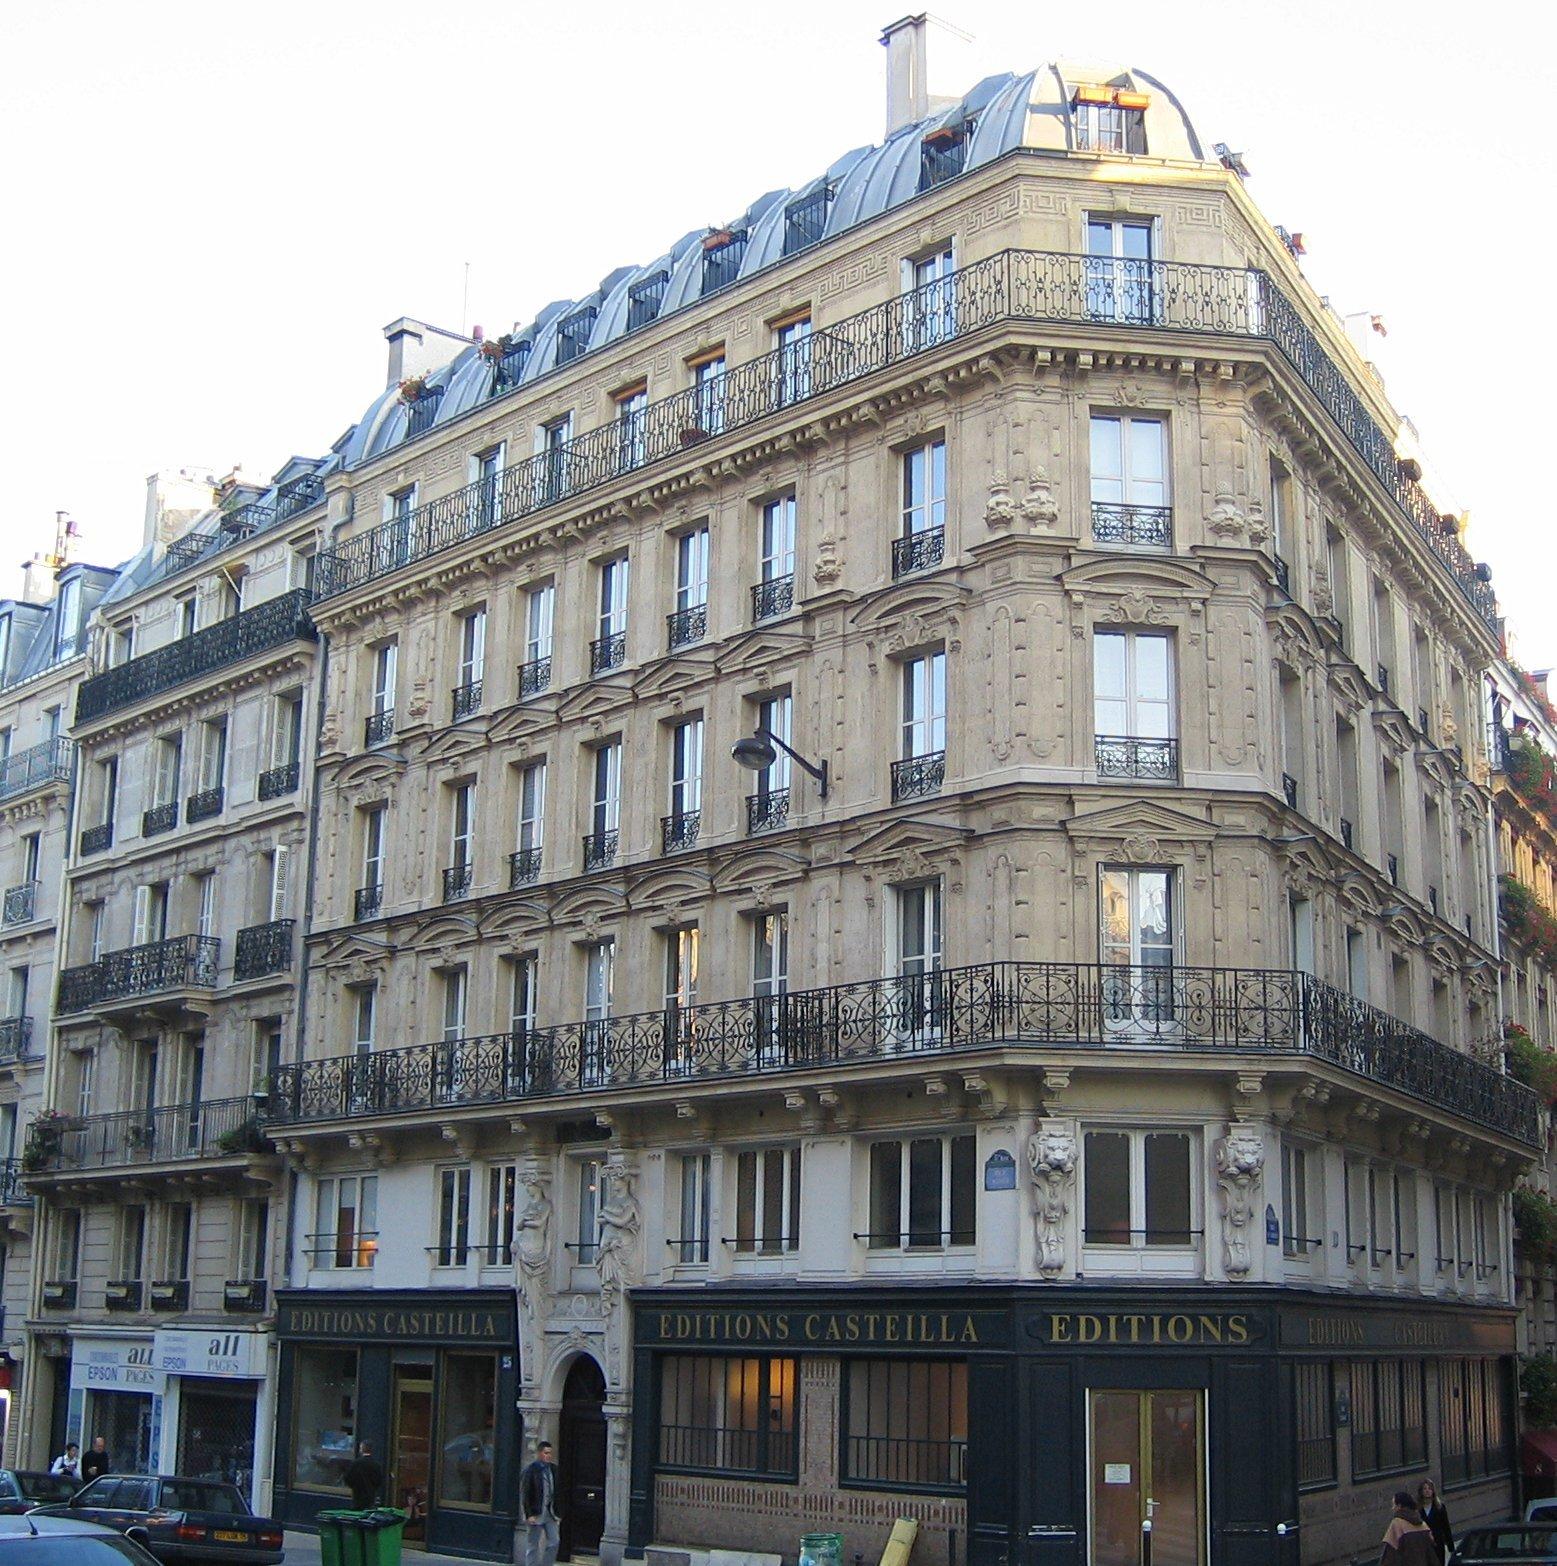 Przykład architektury Haussmanna Źródło: Thierry Bézecourt, Przykład architektury Haussmanna, 2005, licencja: CC BY-SA 3.0.